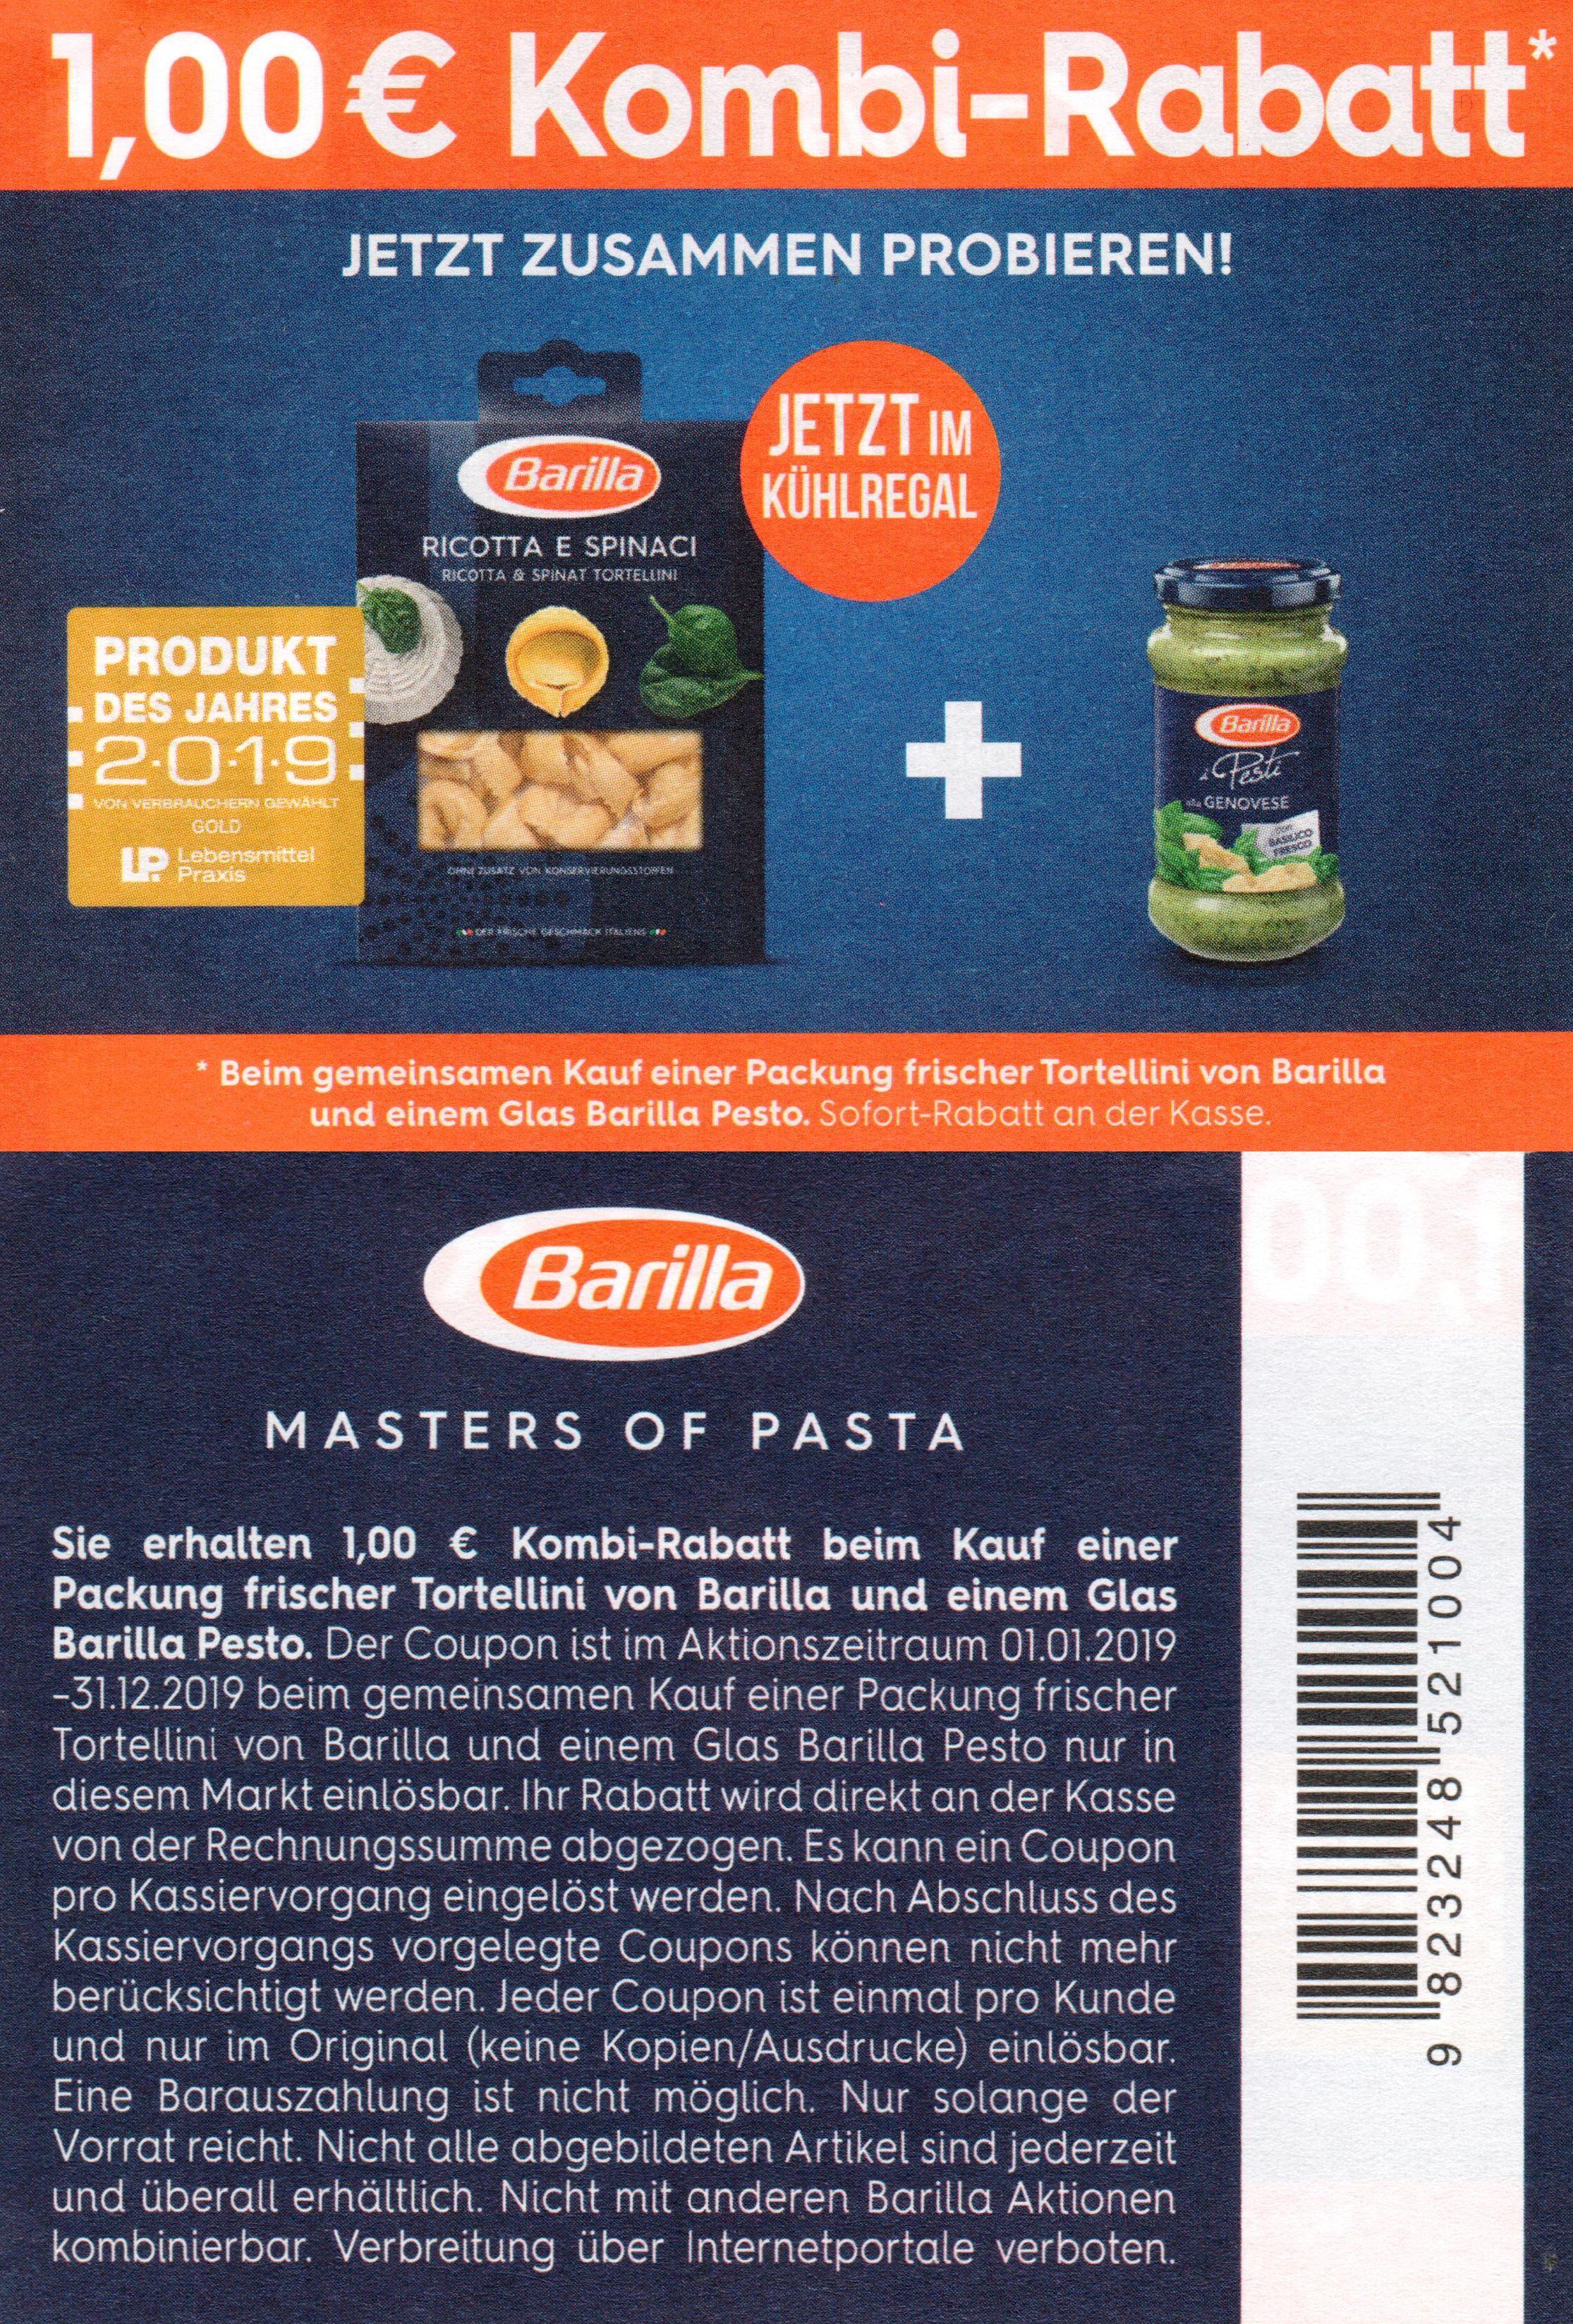 1,00€ Sofort-Rabatt Coupon für Barilla frische Tortellini und einem Glas Barilla Pesto bis 31.12.2019